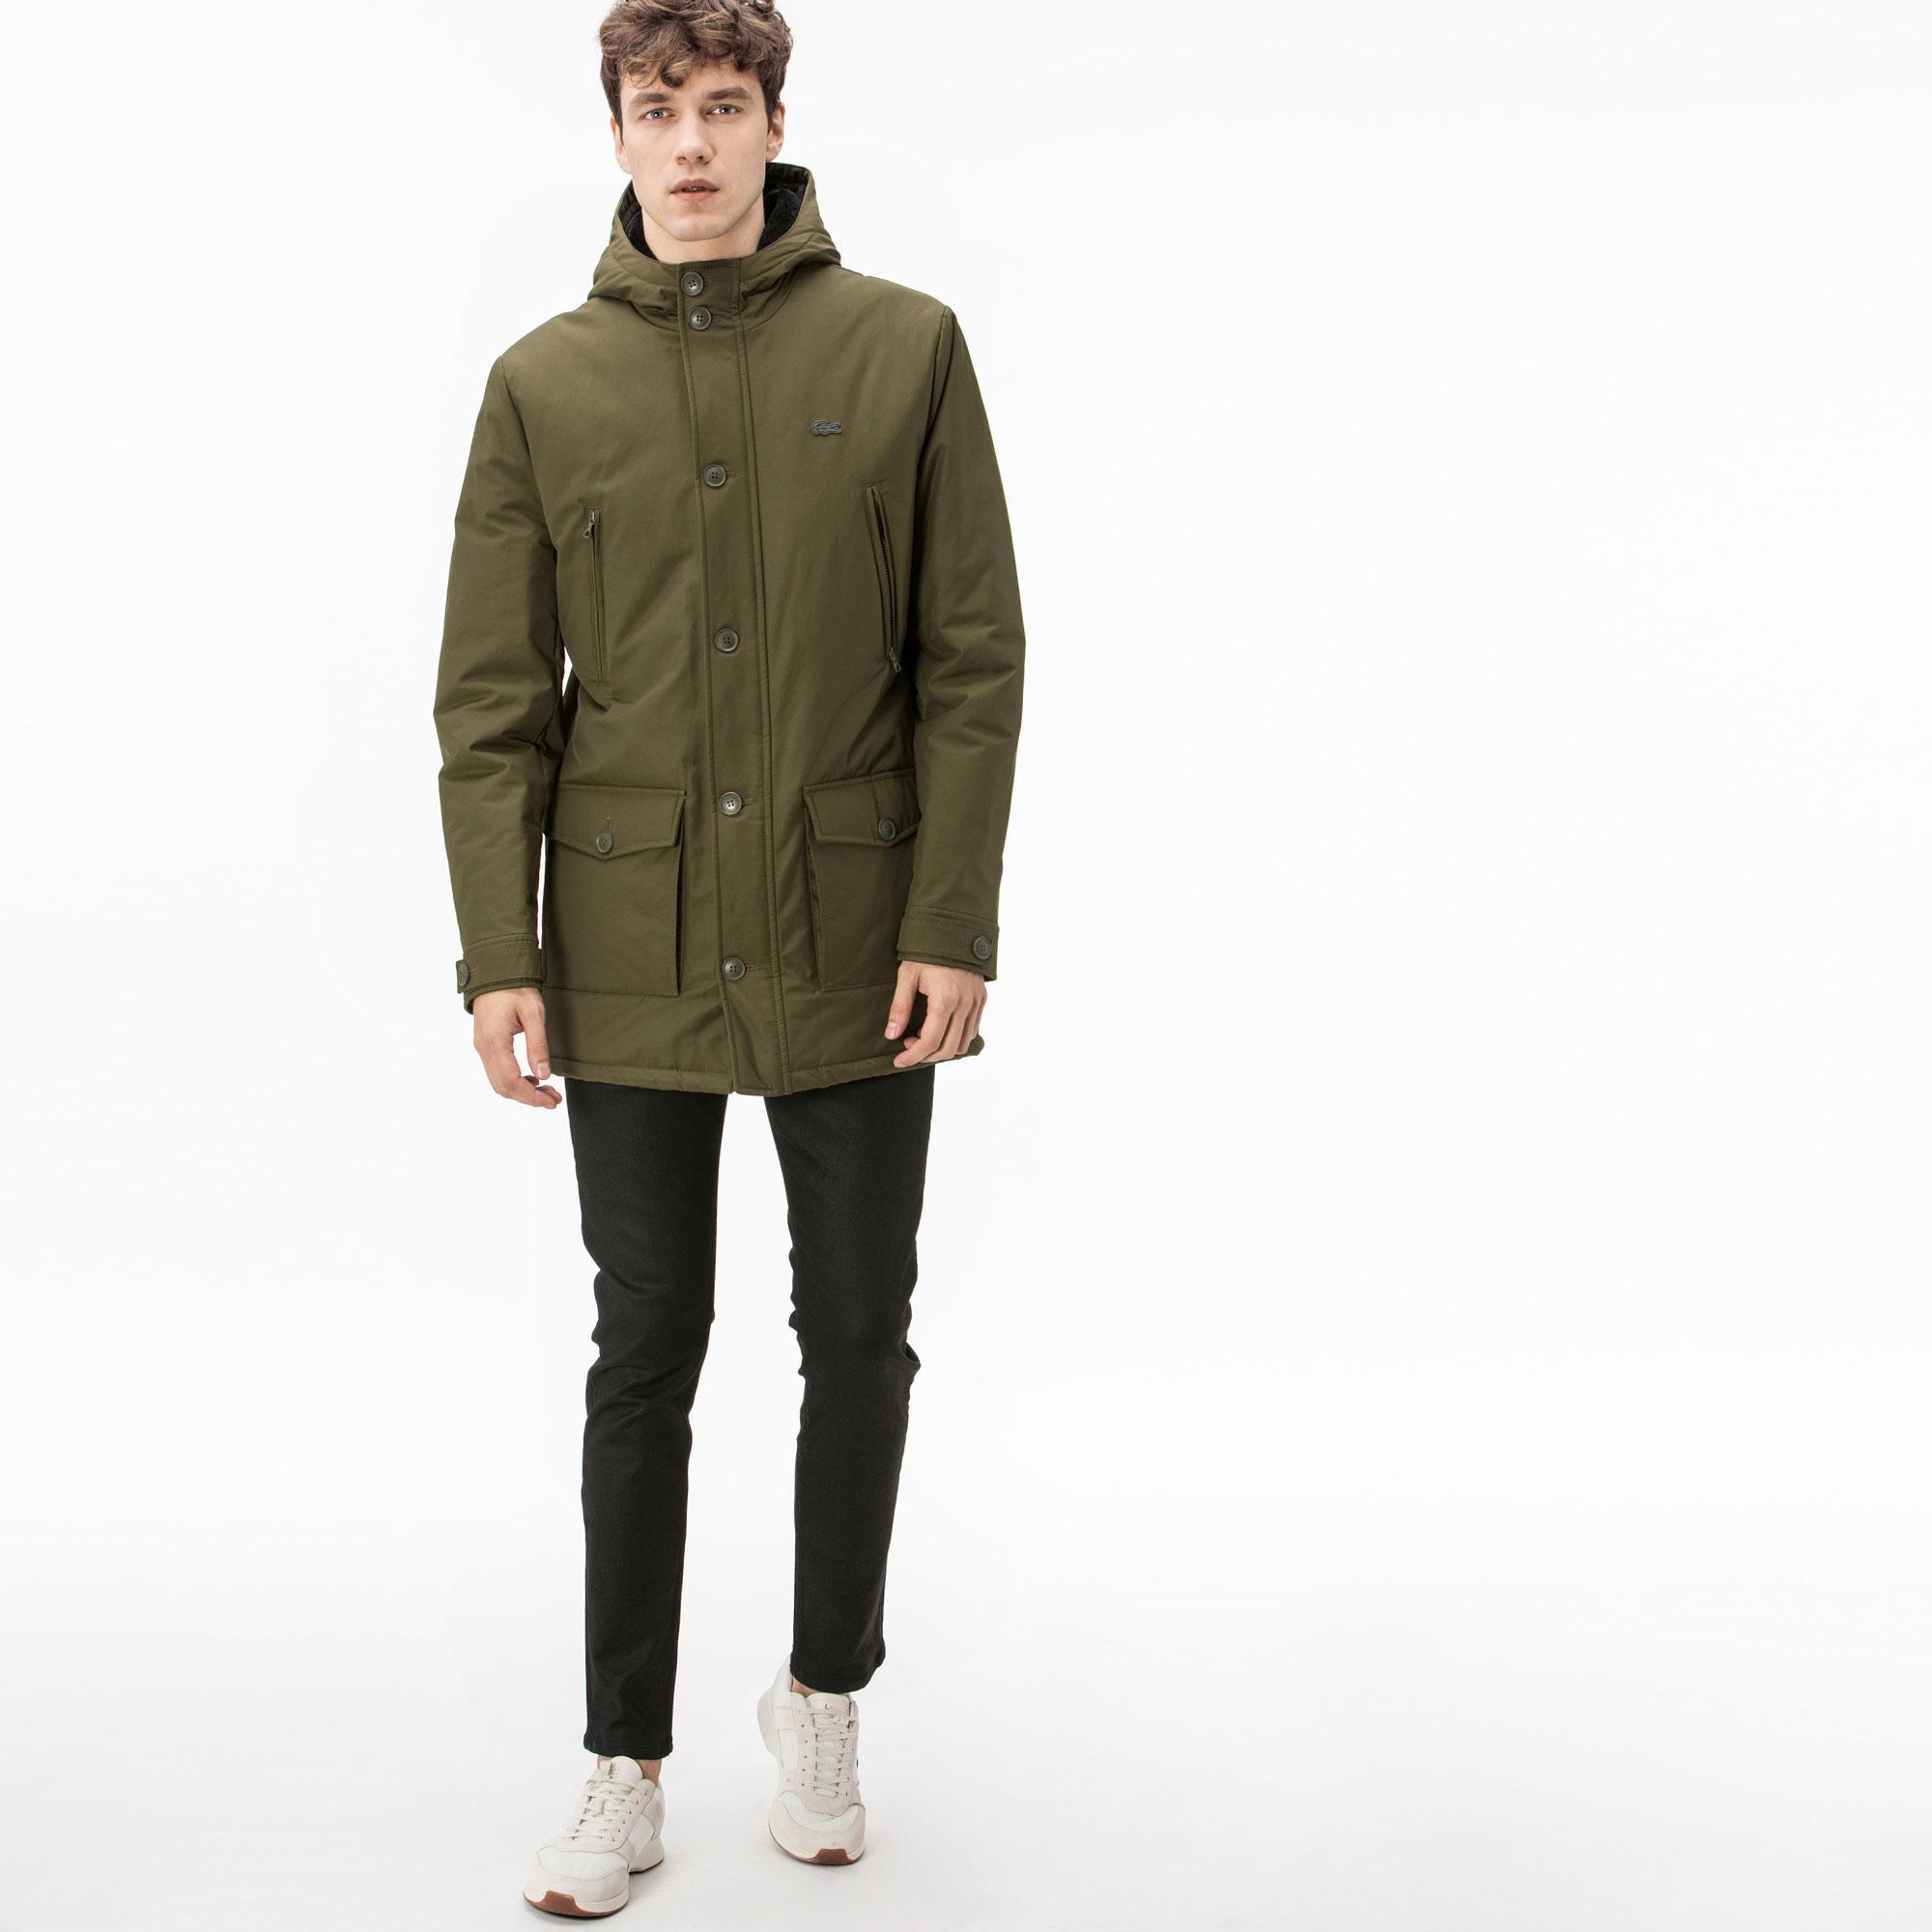 Куртка LacosteВерхняя одежда<br>Детали: с капюшоном;\Застёжка на молнии и пуговицах;\Два верхних кармана на молнии;\Нижние карманы на пуговицах;\Силиконовый логотип Lacoste в тон изделия\Материал: 63% хлопок 37% полиамид 100% полиэстер